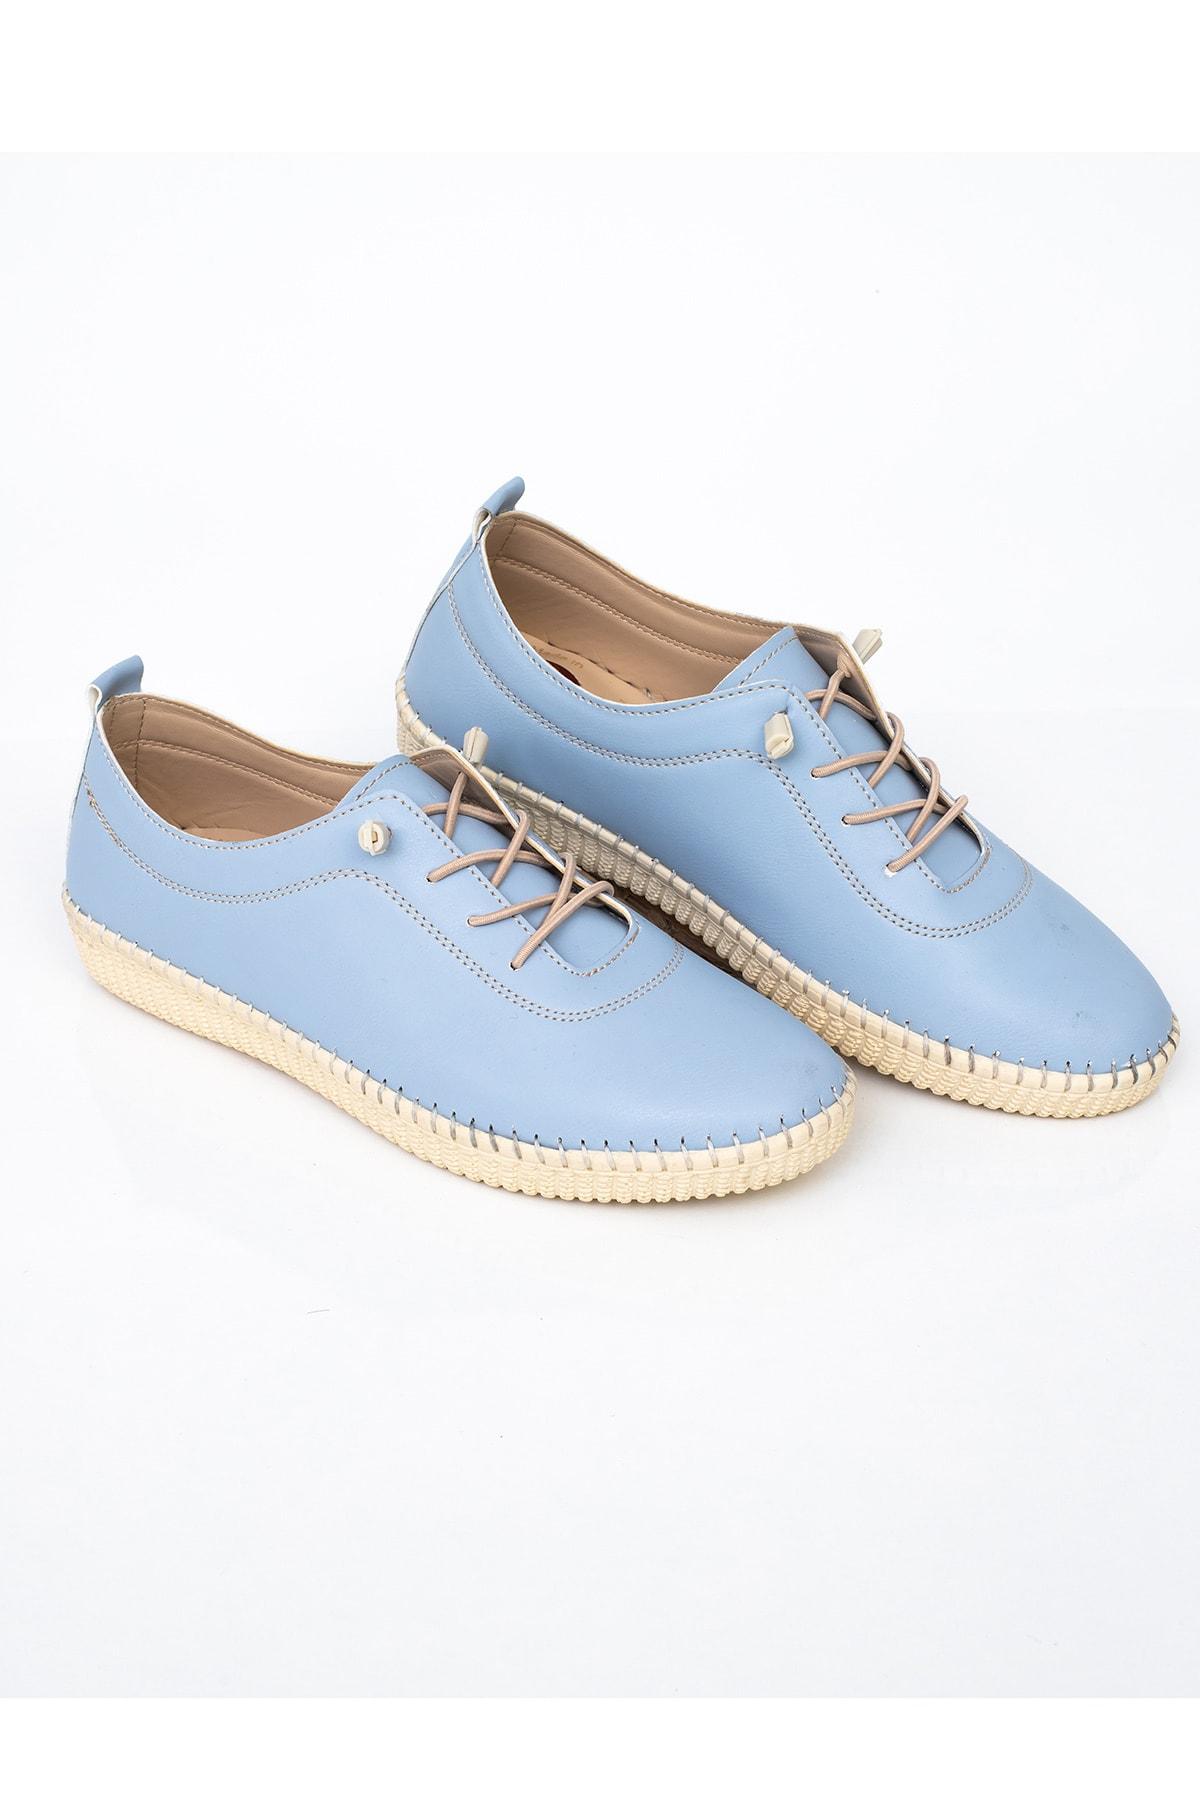 MelikaWalker Comfort Ve Ortopedik Bayan D. Mavisi Günlük Rahat Lastik Bağcıklı Hava Alabilen Bayan Ayakkabı 1